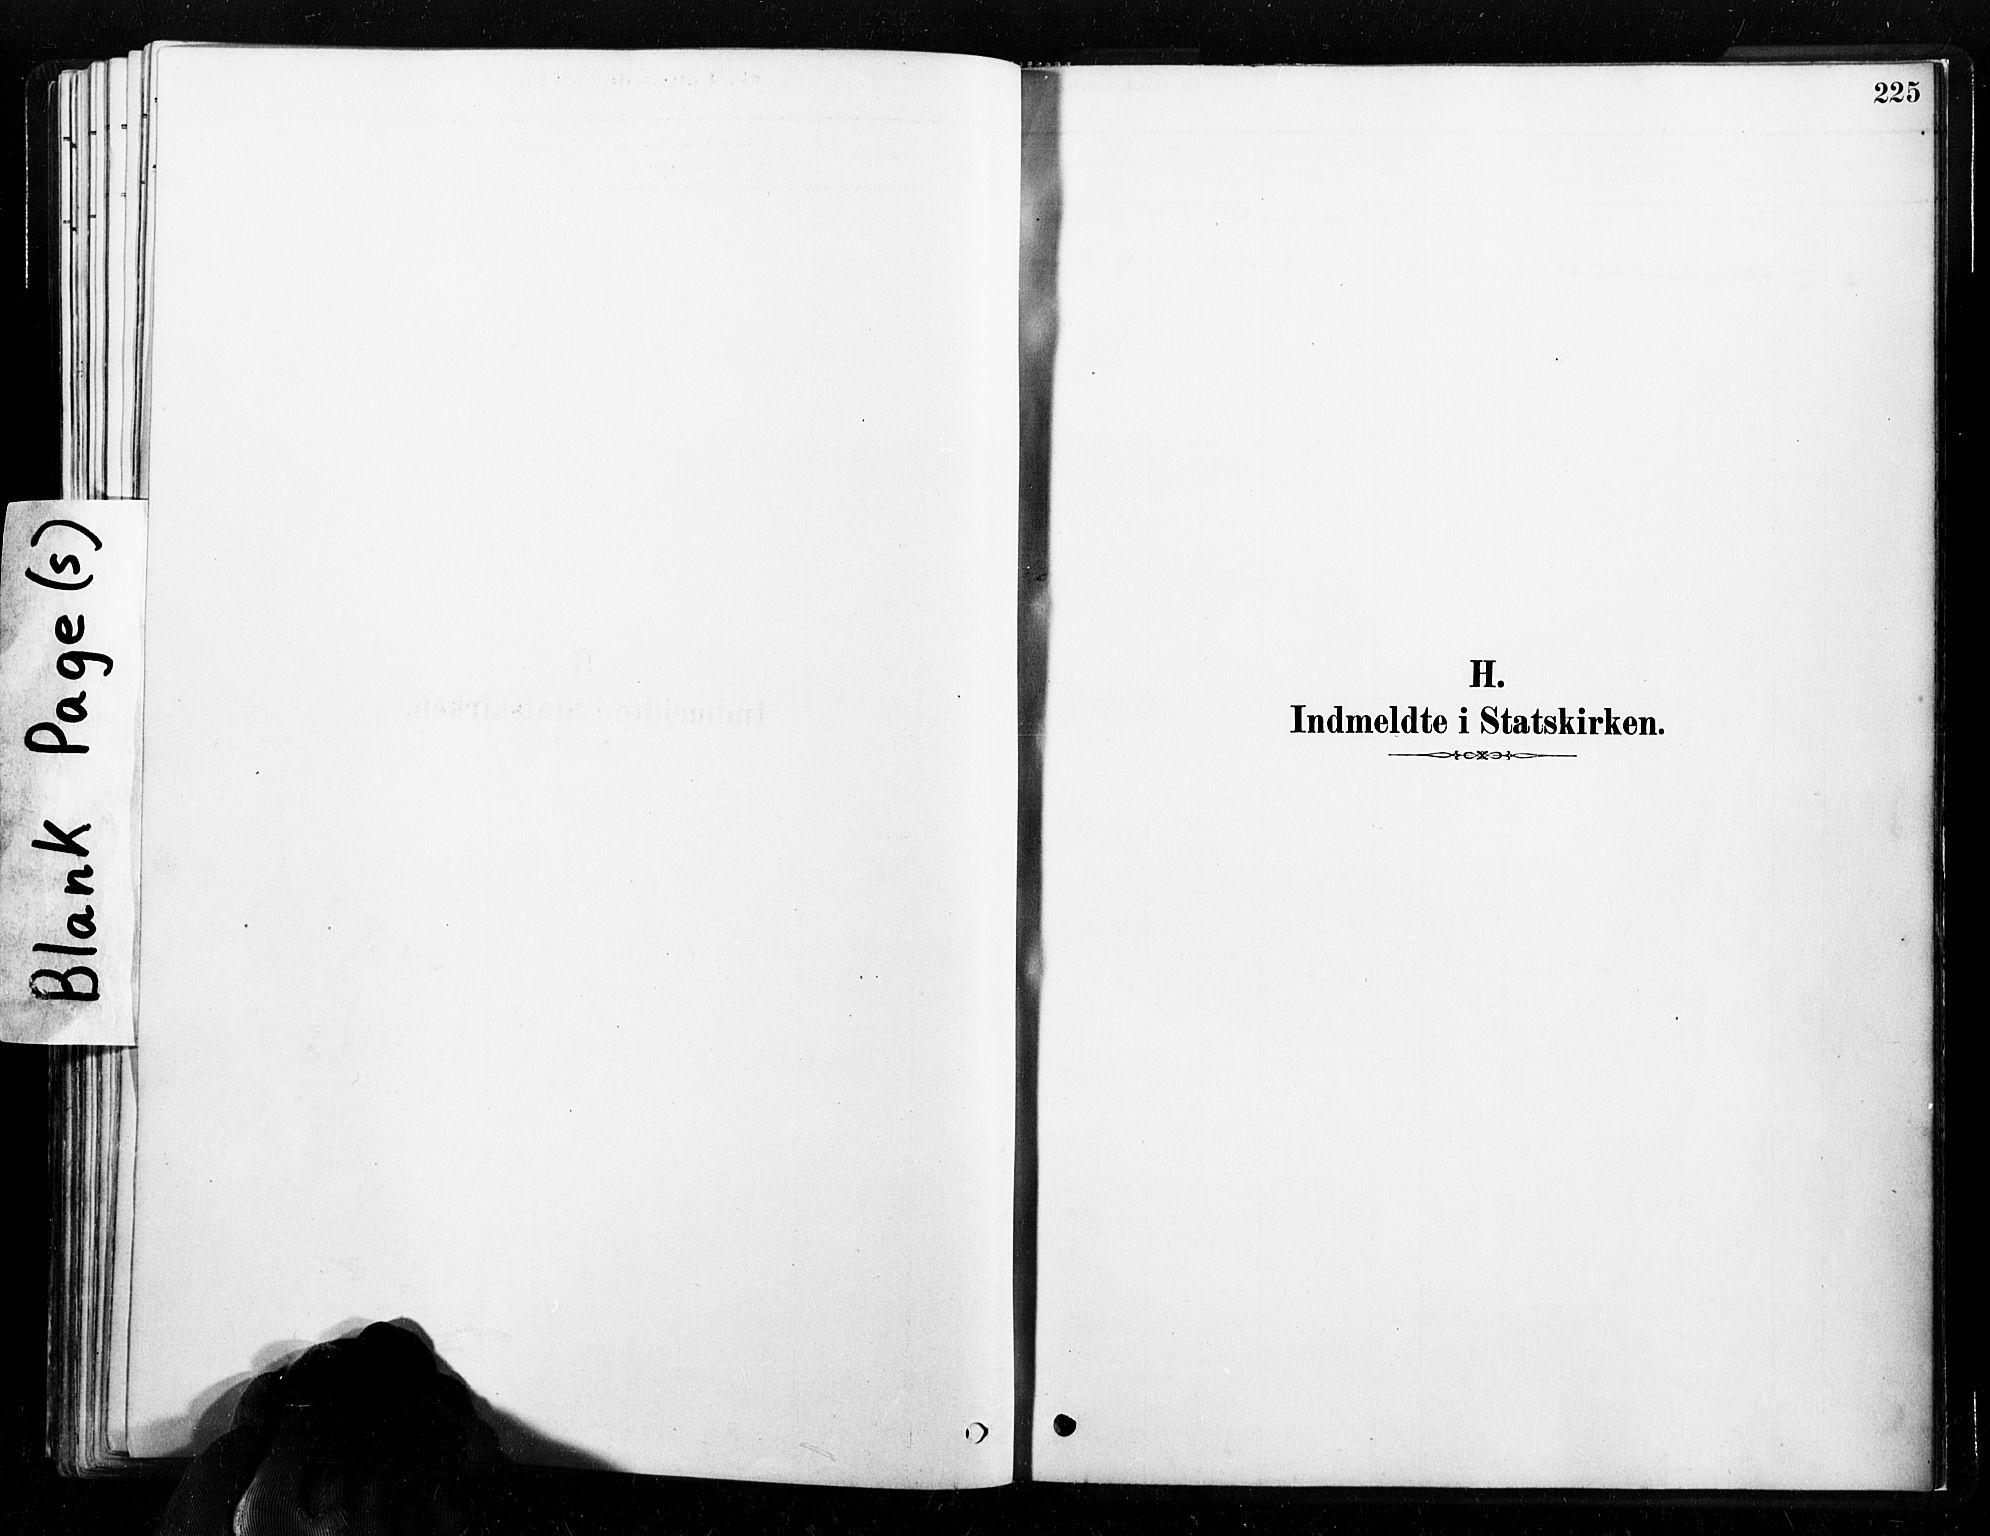 SAT, Ministerialprotokoller, klokkerbøker og fødselsregistre - Nord-Trøndelag, 789/L0705: Ministerialbok nr. 789A01, 1878-1910, s. 225